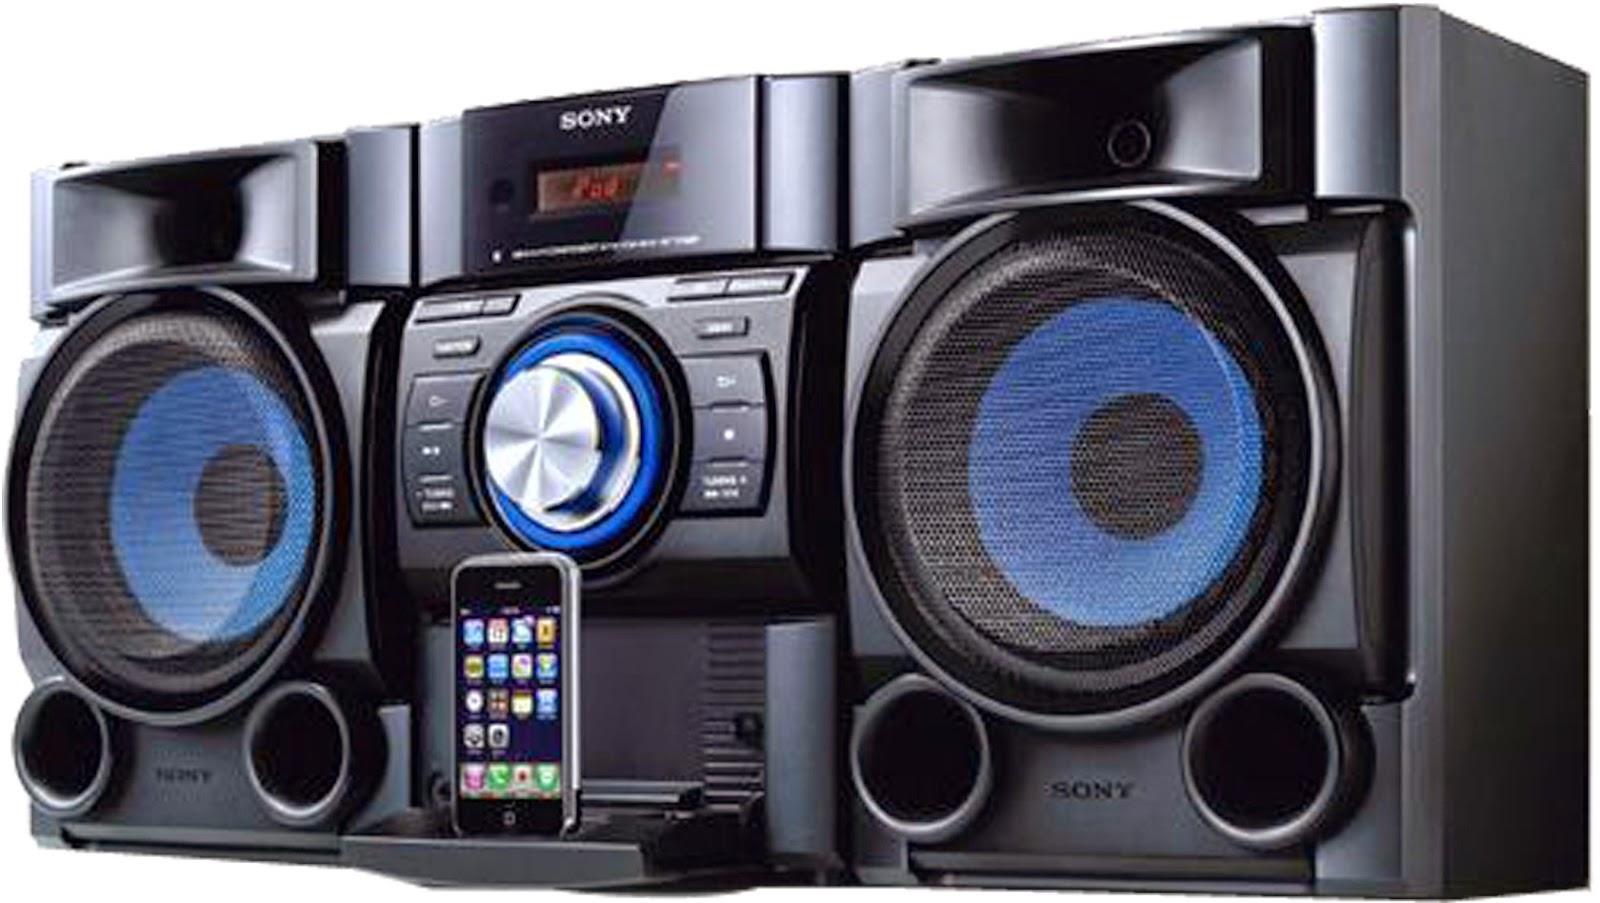 equipos de sonido y video: